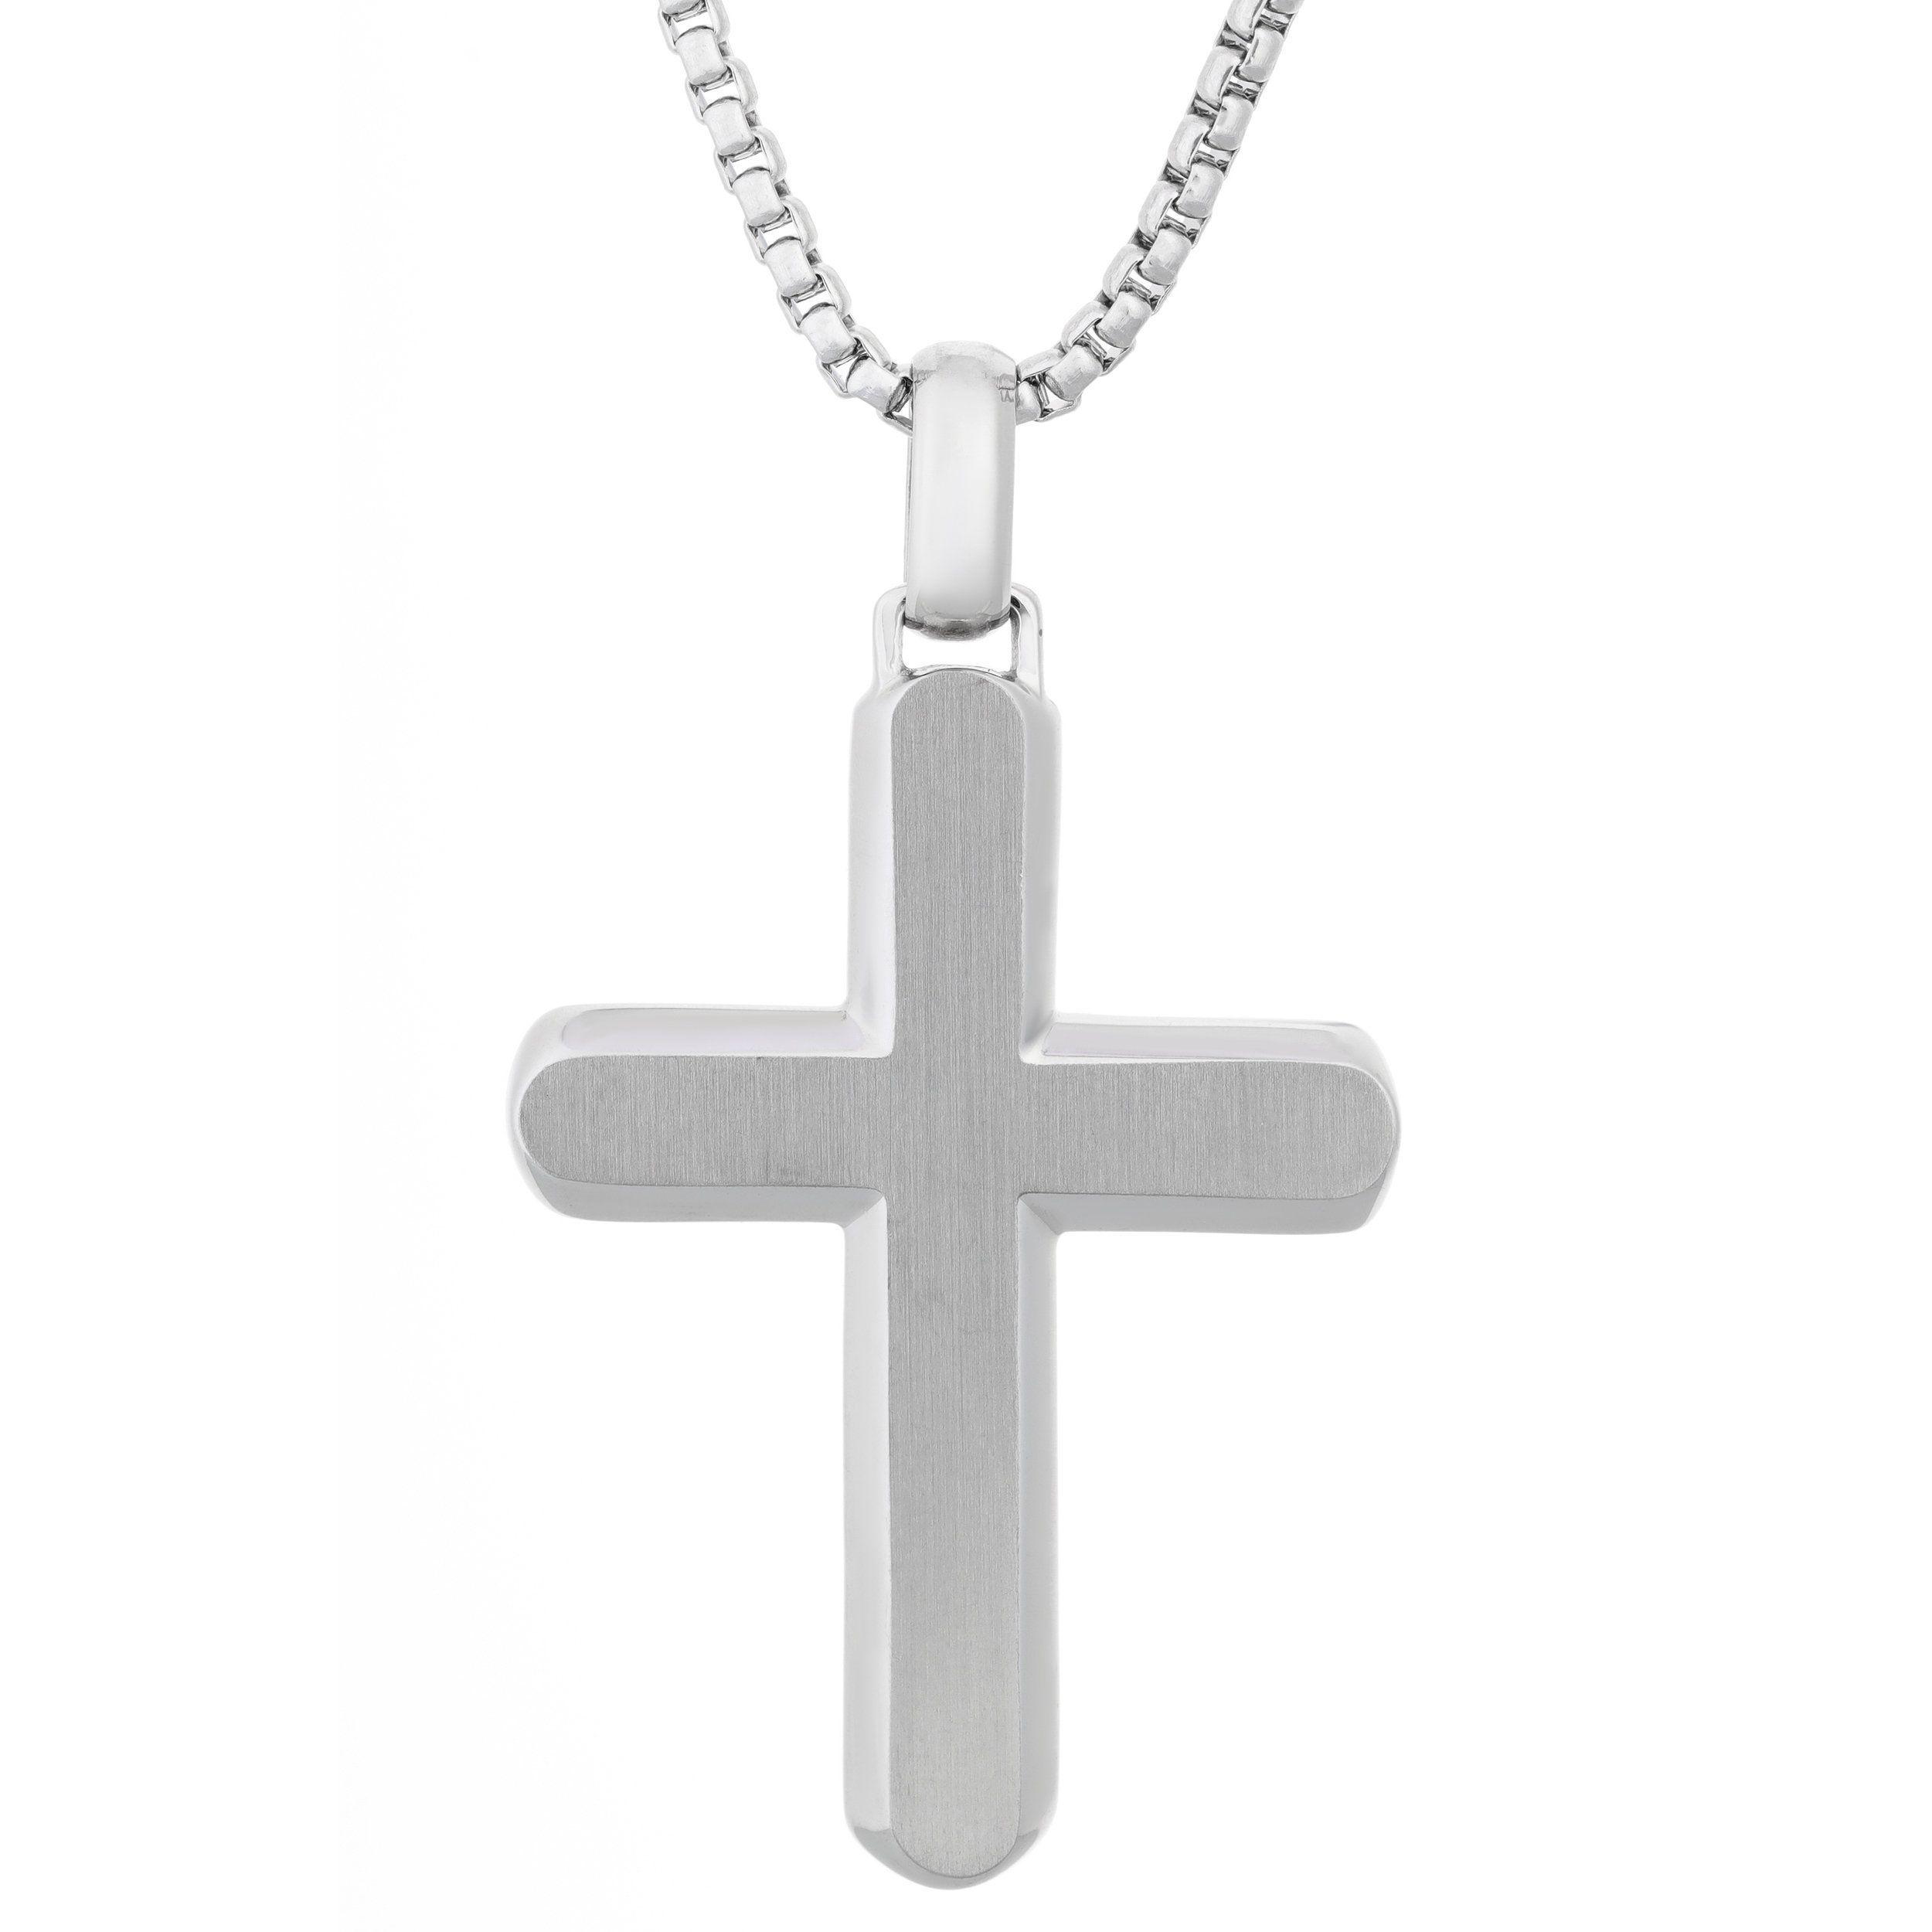 79e7660d56a Stainless Steel Men s Cross Pendant Necklace (Stainless Steel Cross Pendant)